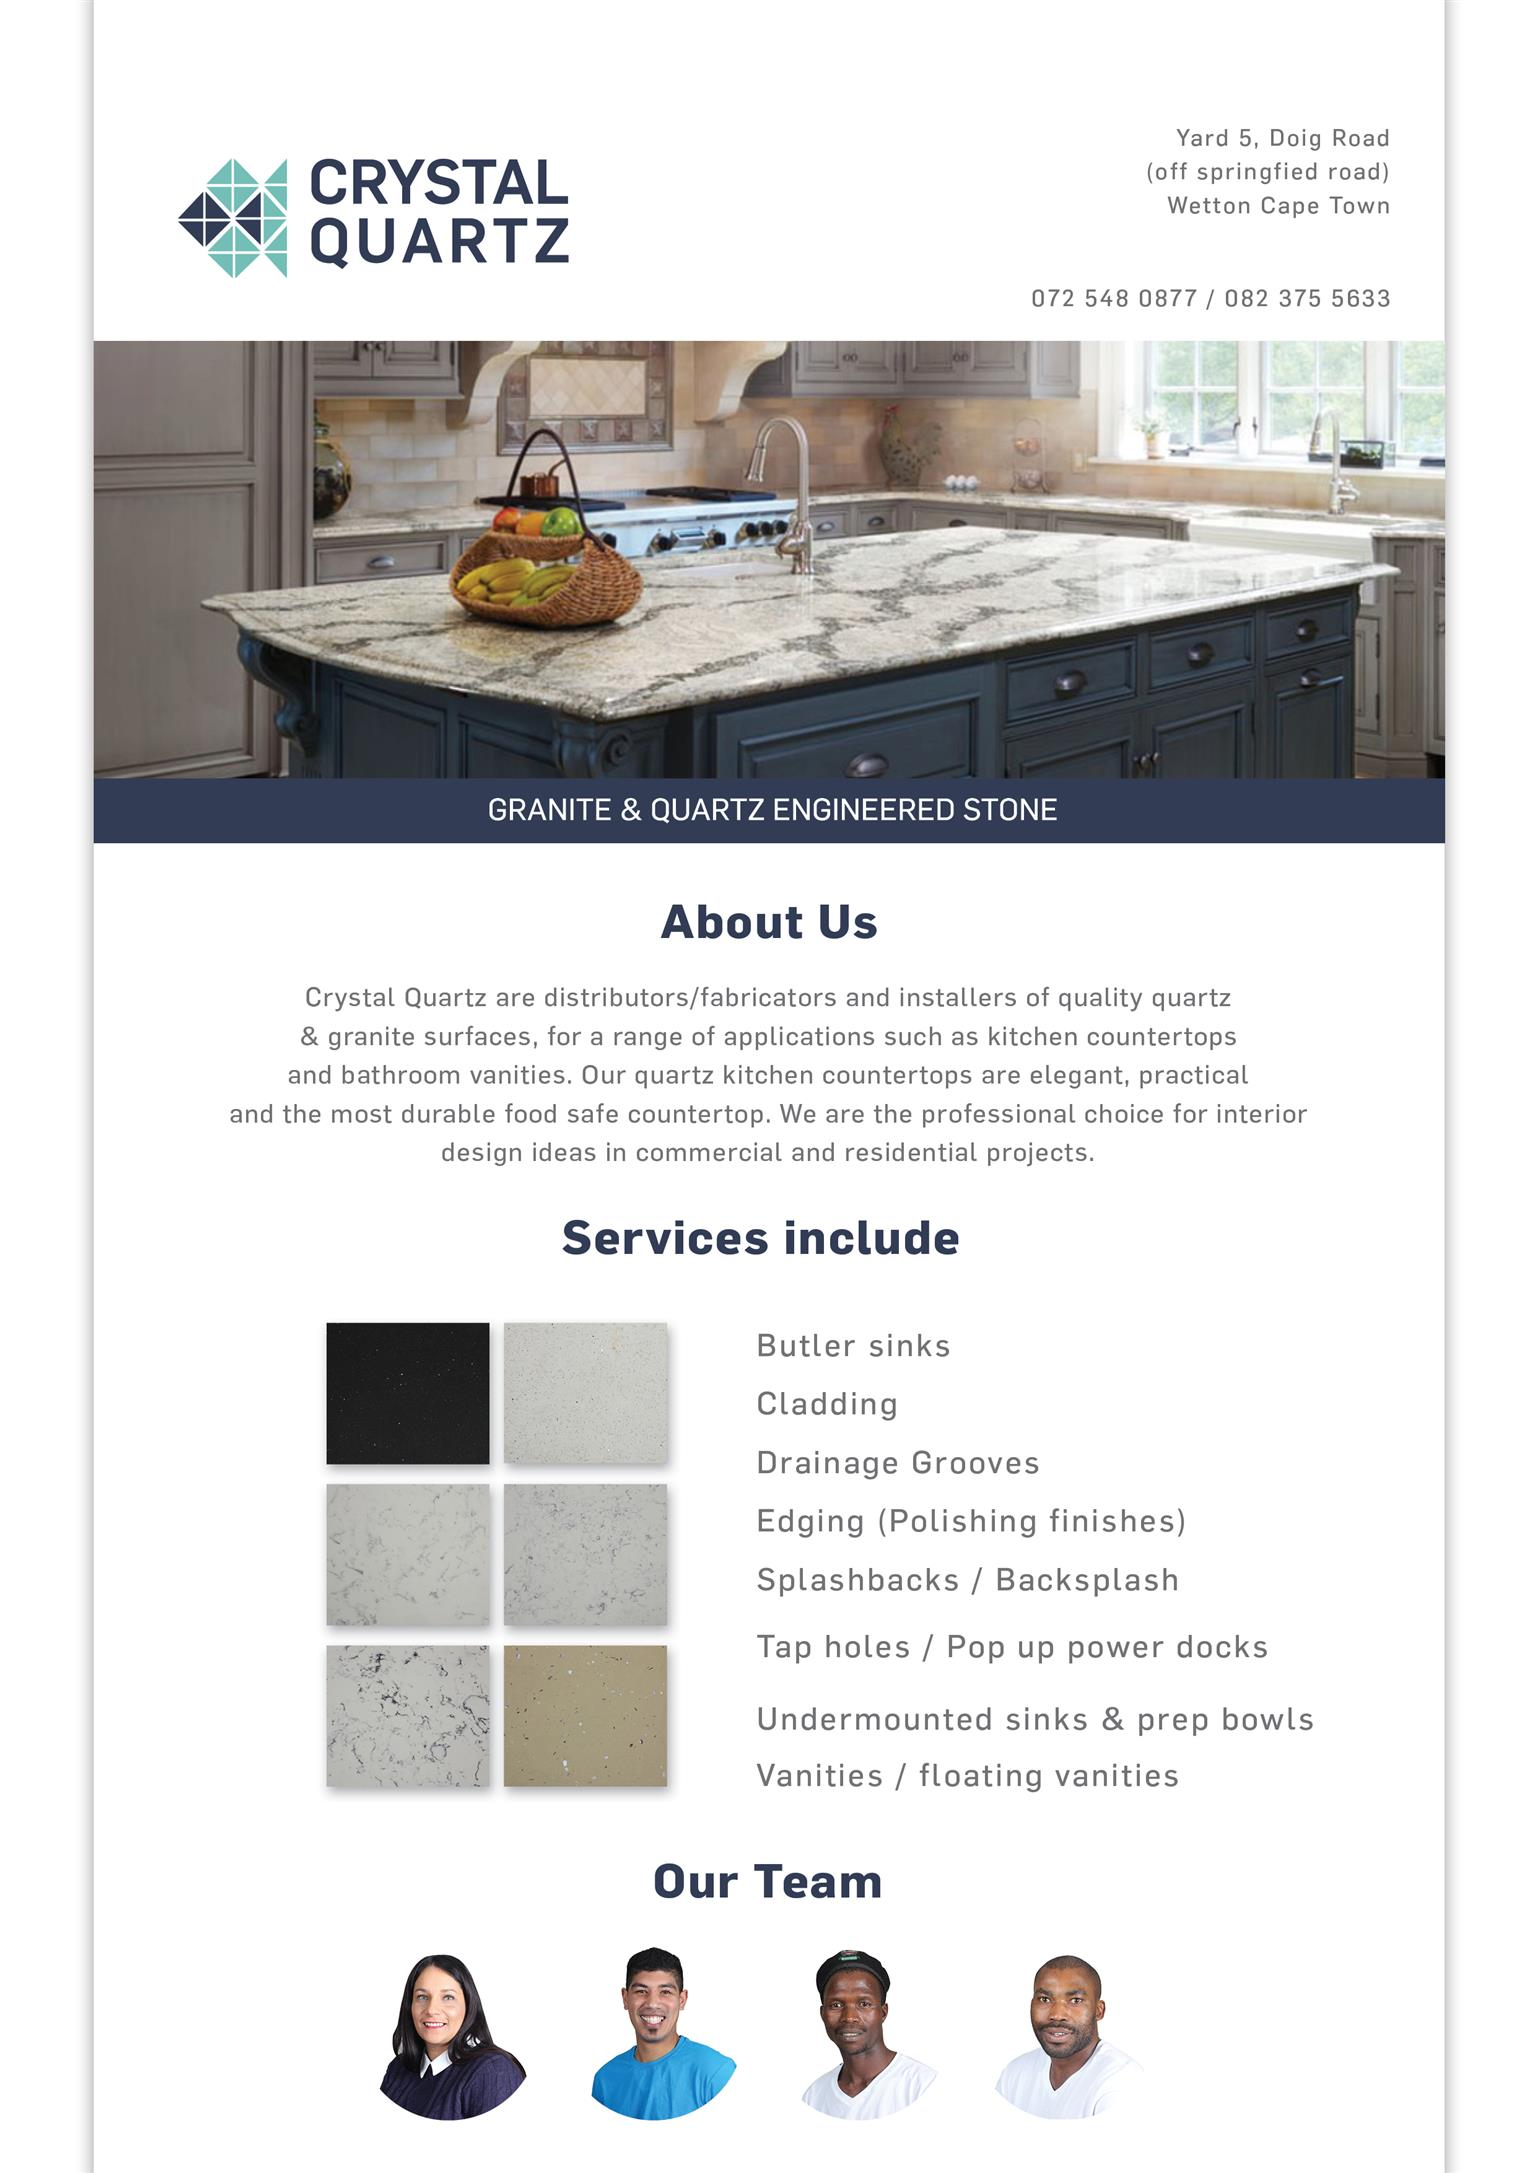 Granite & Quartz Countertops from R1500 per linear - includes installation...